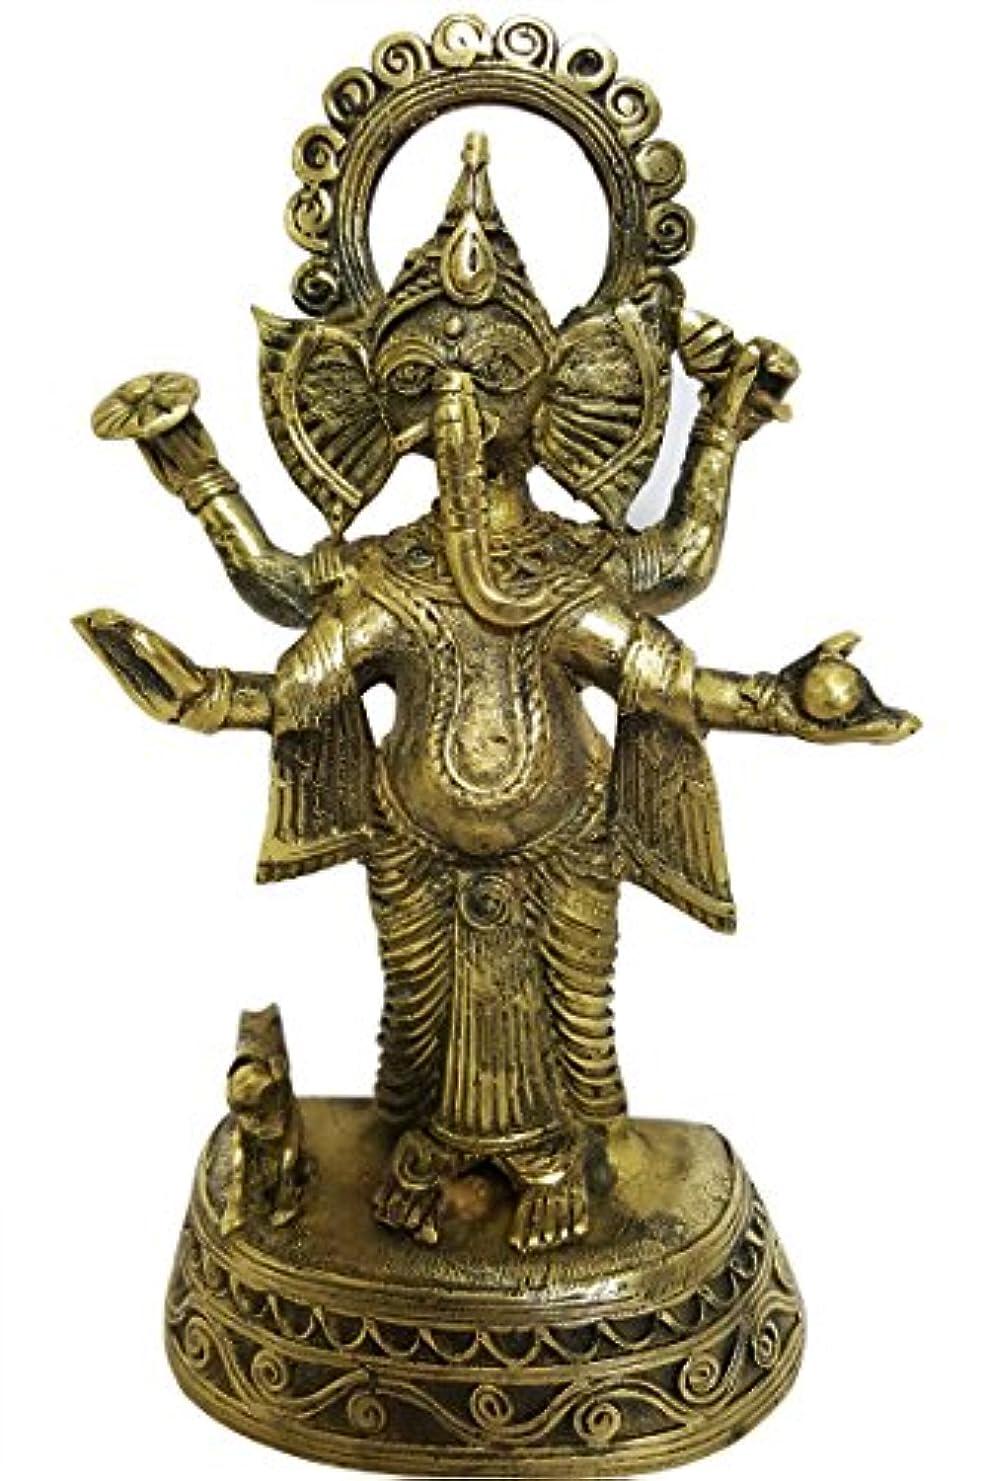 迫害する何でもランチョンmehrunnisa手作りDhokra真鍮Chaturbhujガネーシャ彫刻( meh2232 )